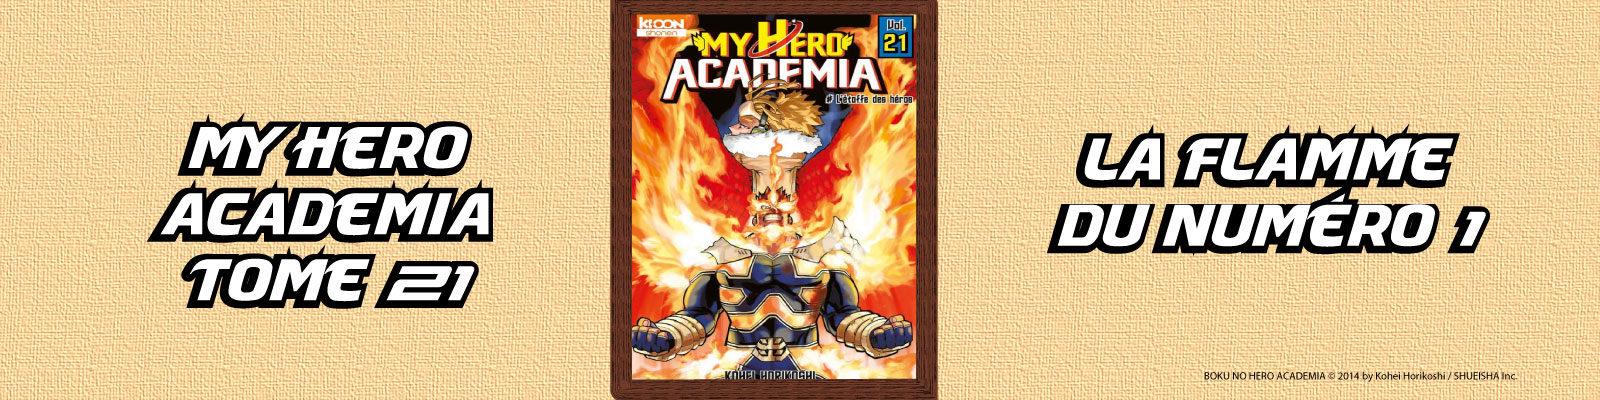 My Hero Academia T21